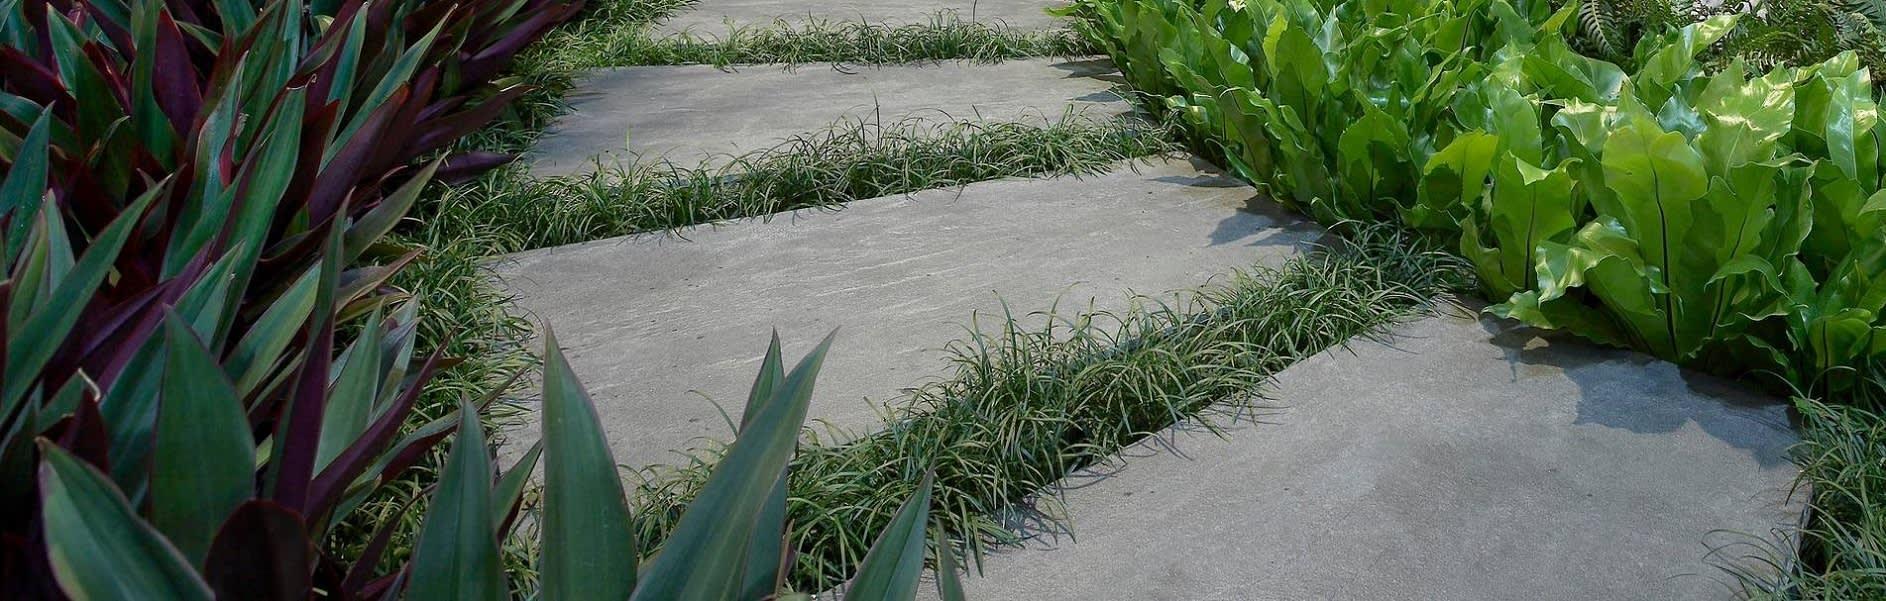 תכנון מערכת השקיה